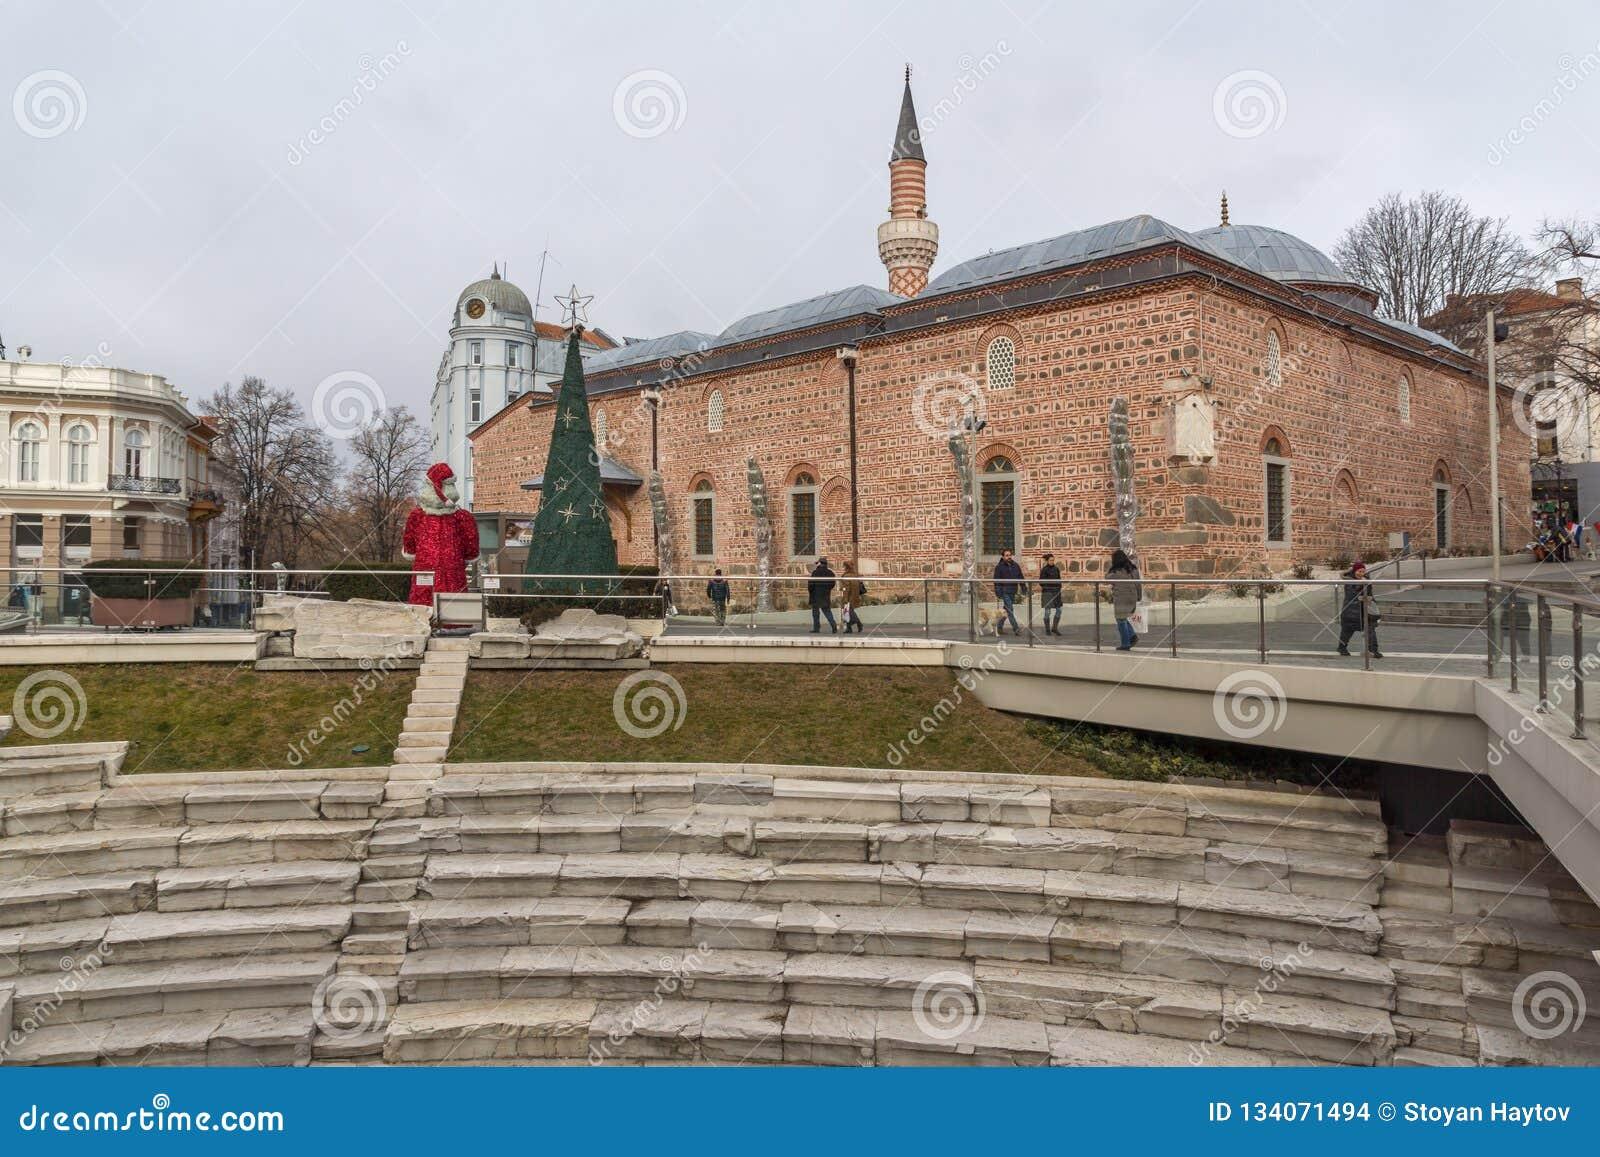 Μουσουλμανικό τέμενος Dzhumaya και ρωμαϊκό στάδιο στην πόλη Plovdiv, Βουλγαρία